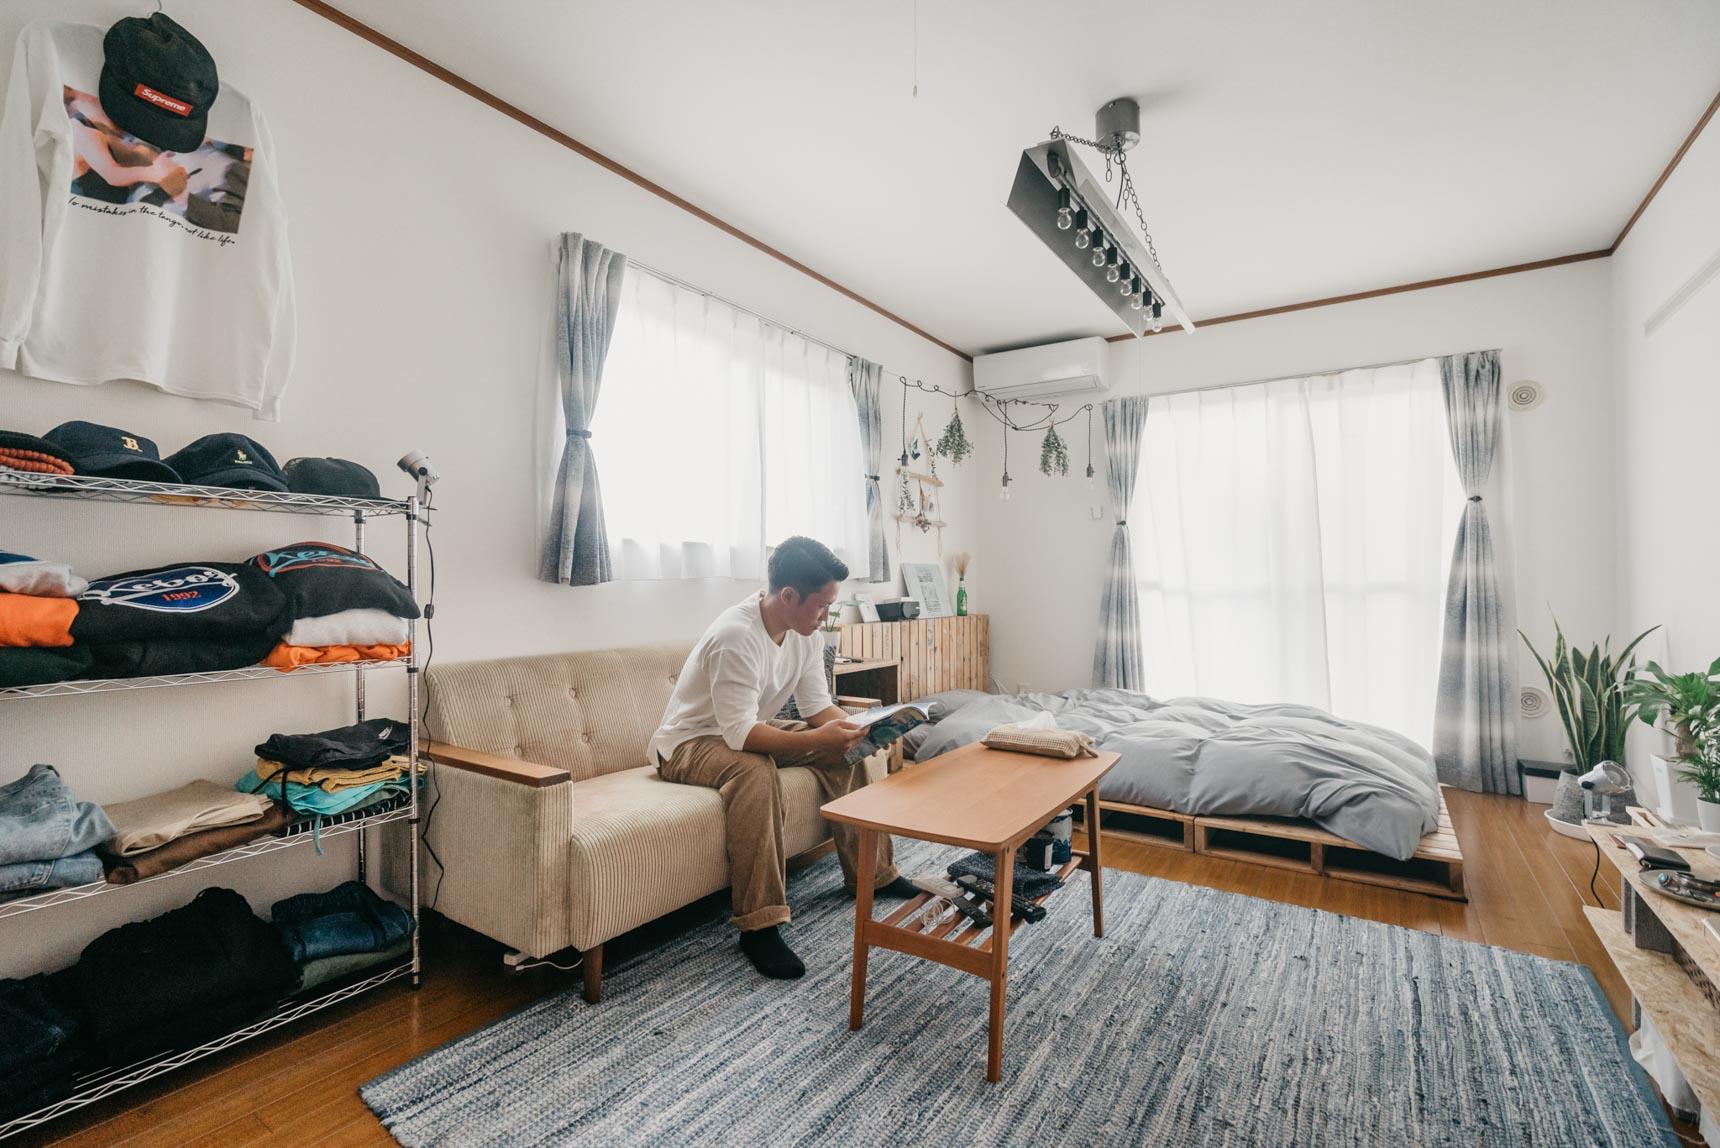 こちらのお部屋では、スチールラックを活用して洋服をまるでショップのようにディスプレイ。畳む方式なら、ハンガーにかけるよりも省スペースでたくさんの服をしまえます。